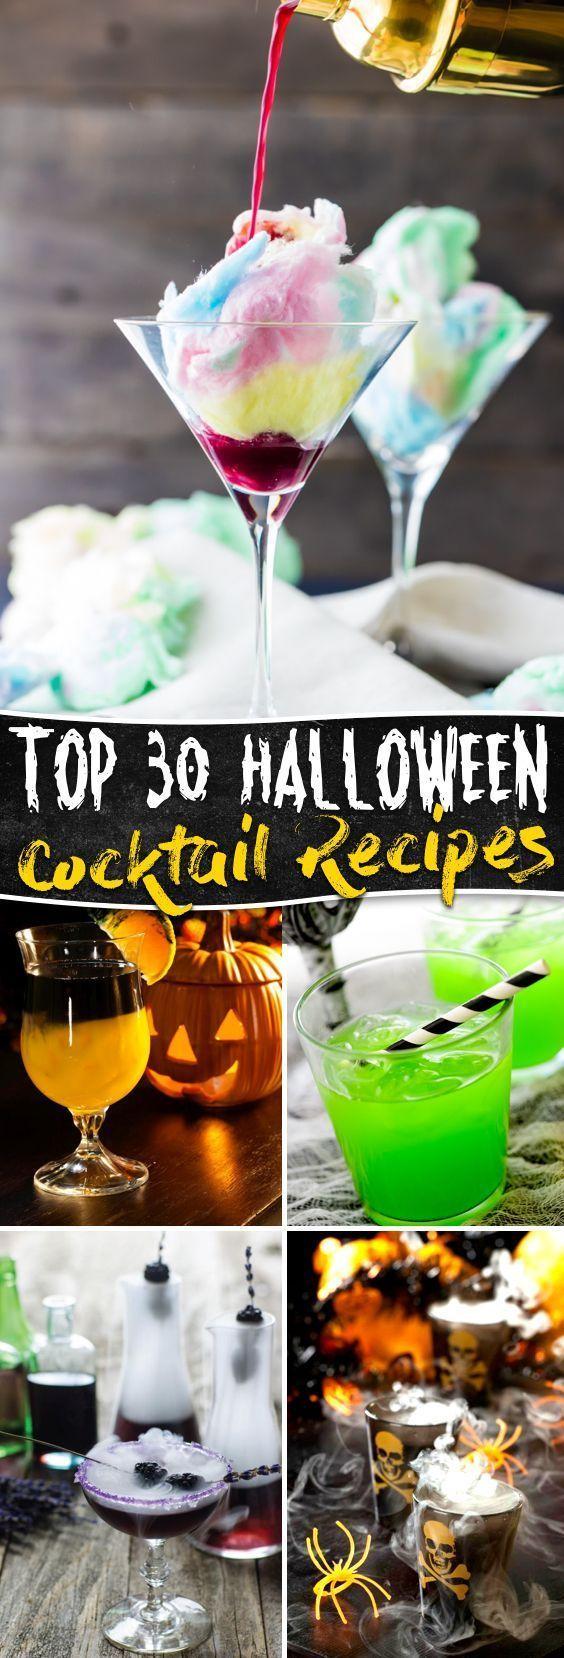 Diese 30 Halloween-Cocktail-Rezepte sind ein Synonym für wahre Gruseligkeit